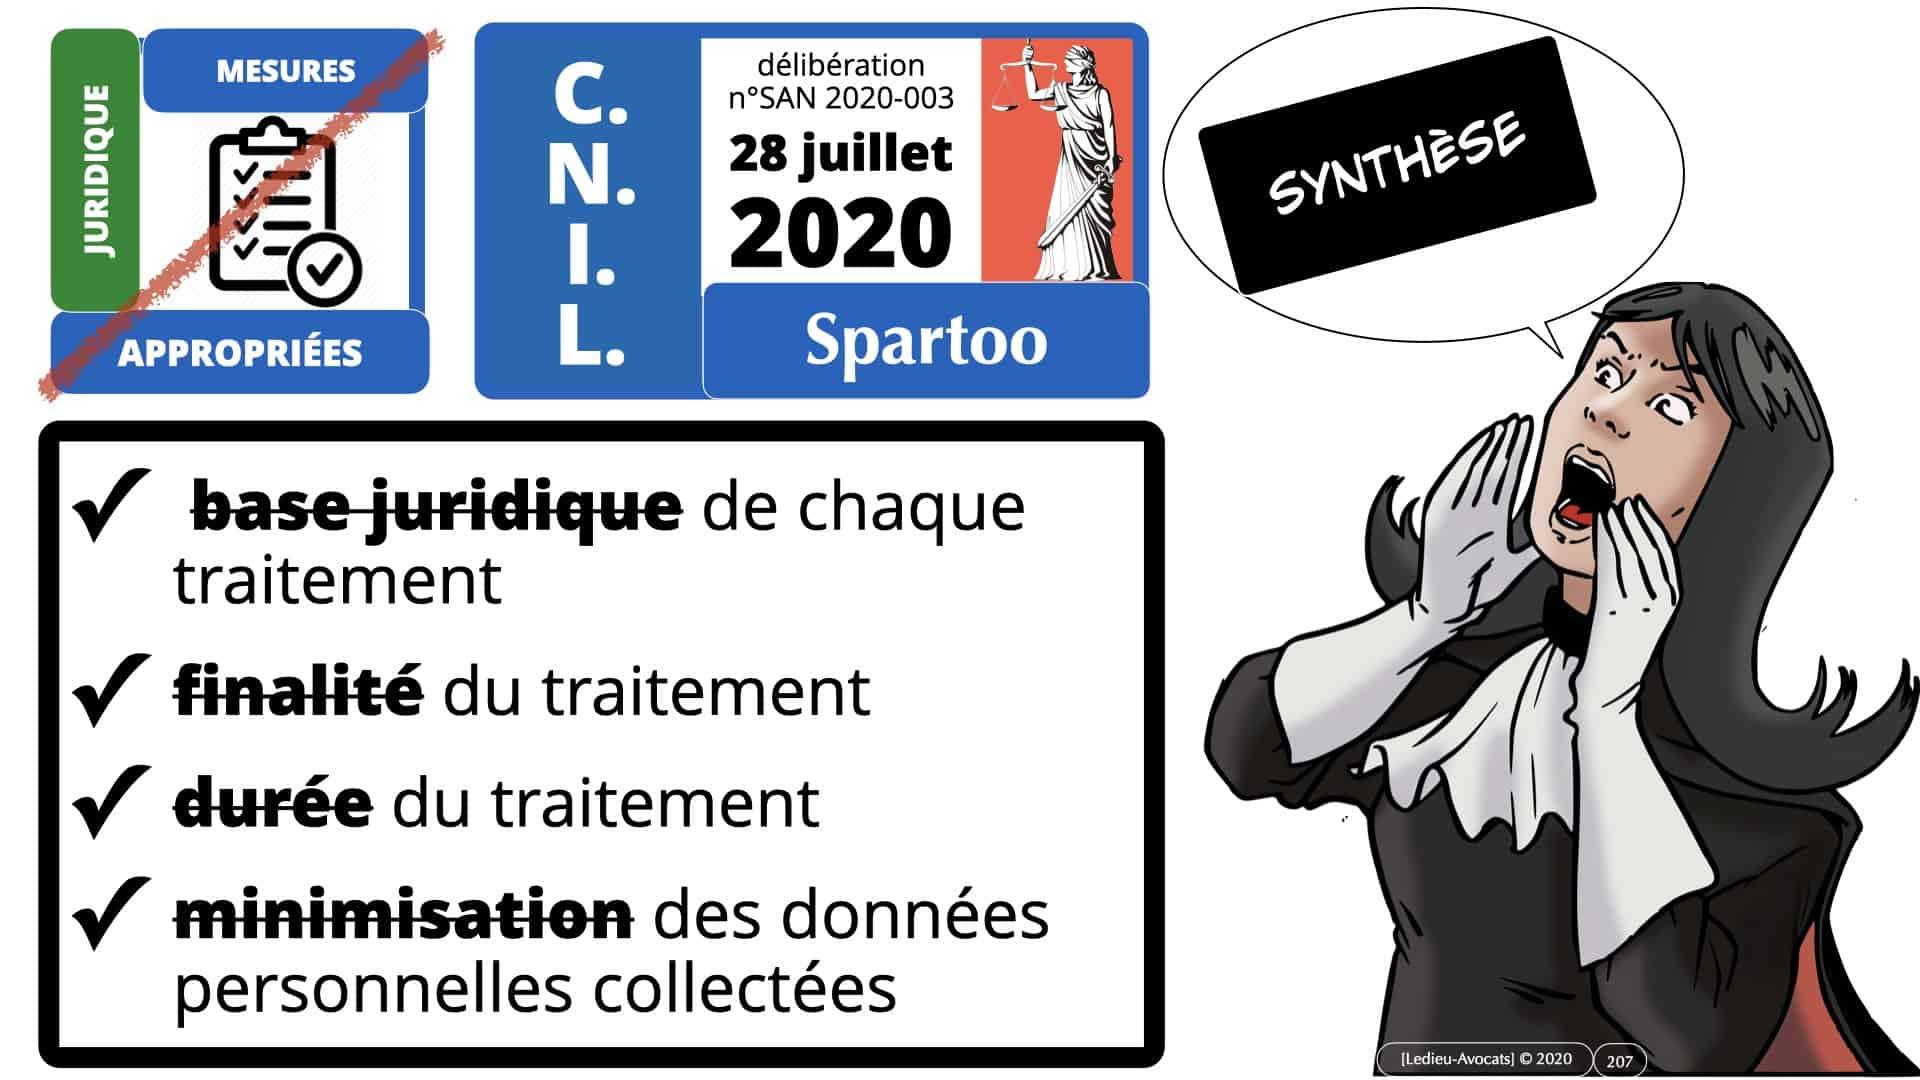 RGPD e-Privacy données personnelles jurisprudence formation Lamy Les Echos 10-02-2021 ©Ledieu-Avocats.207